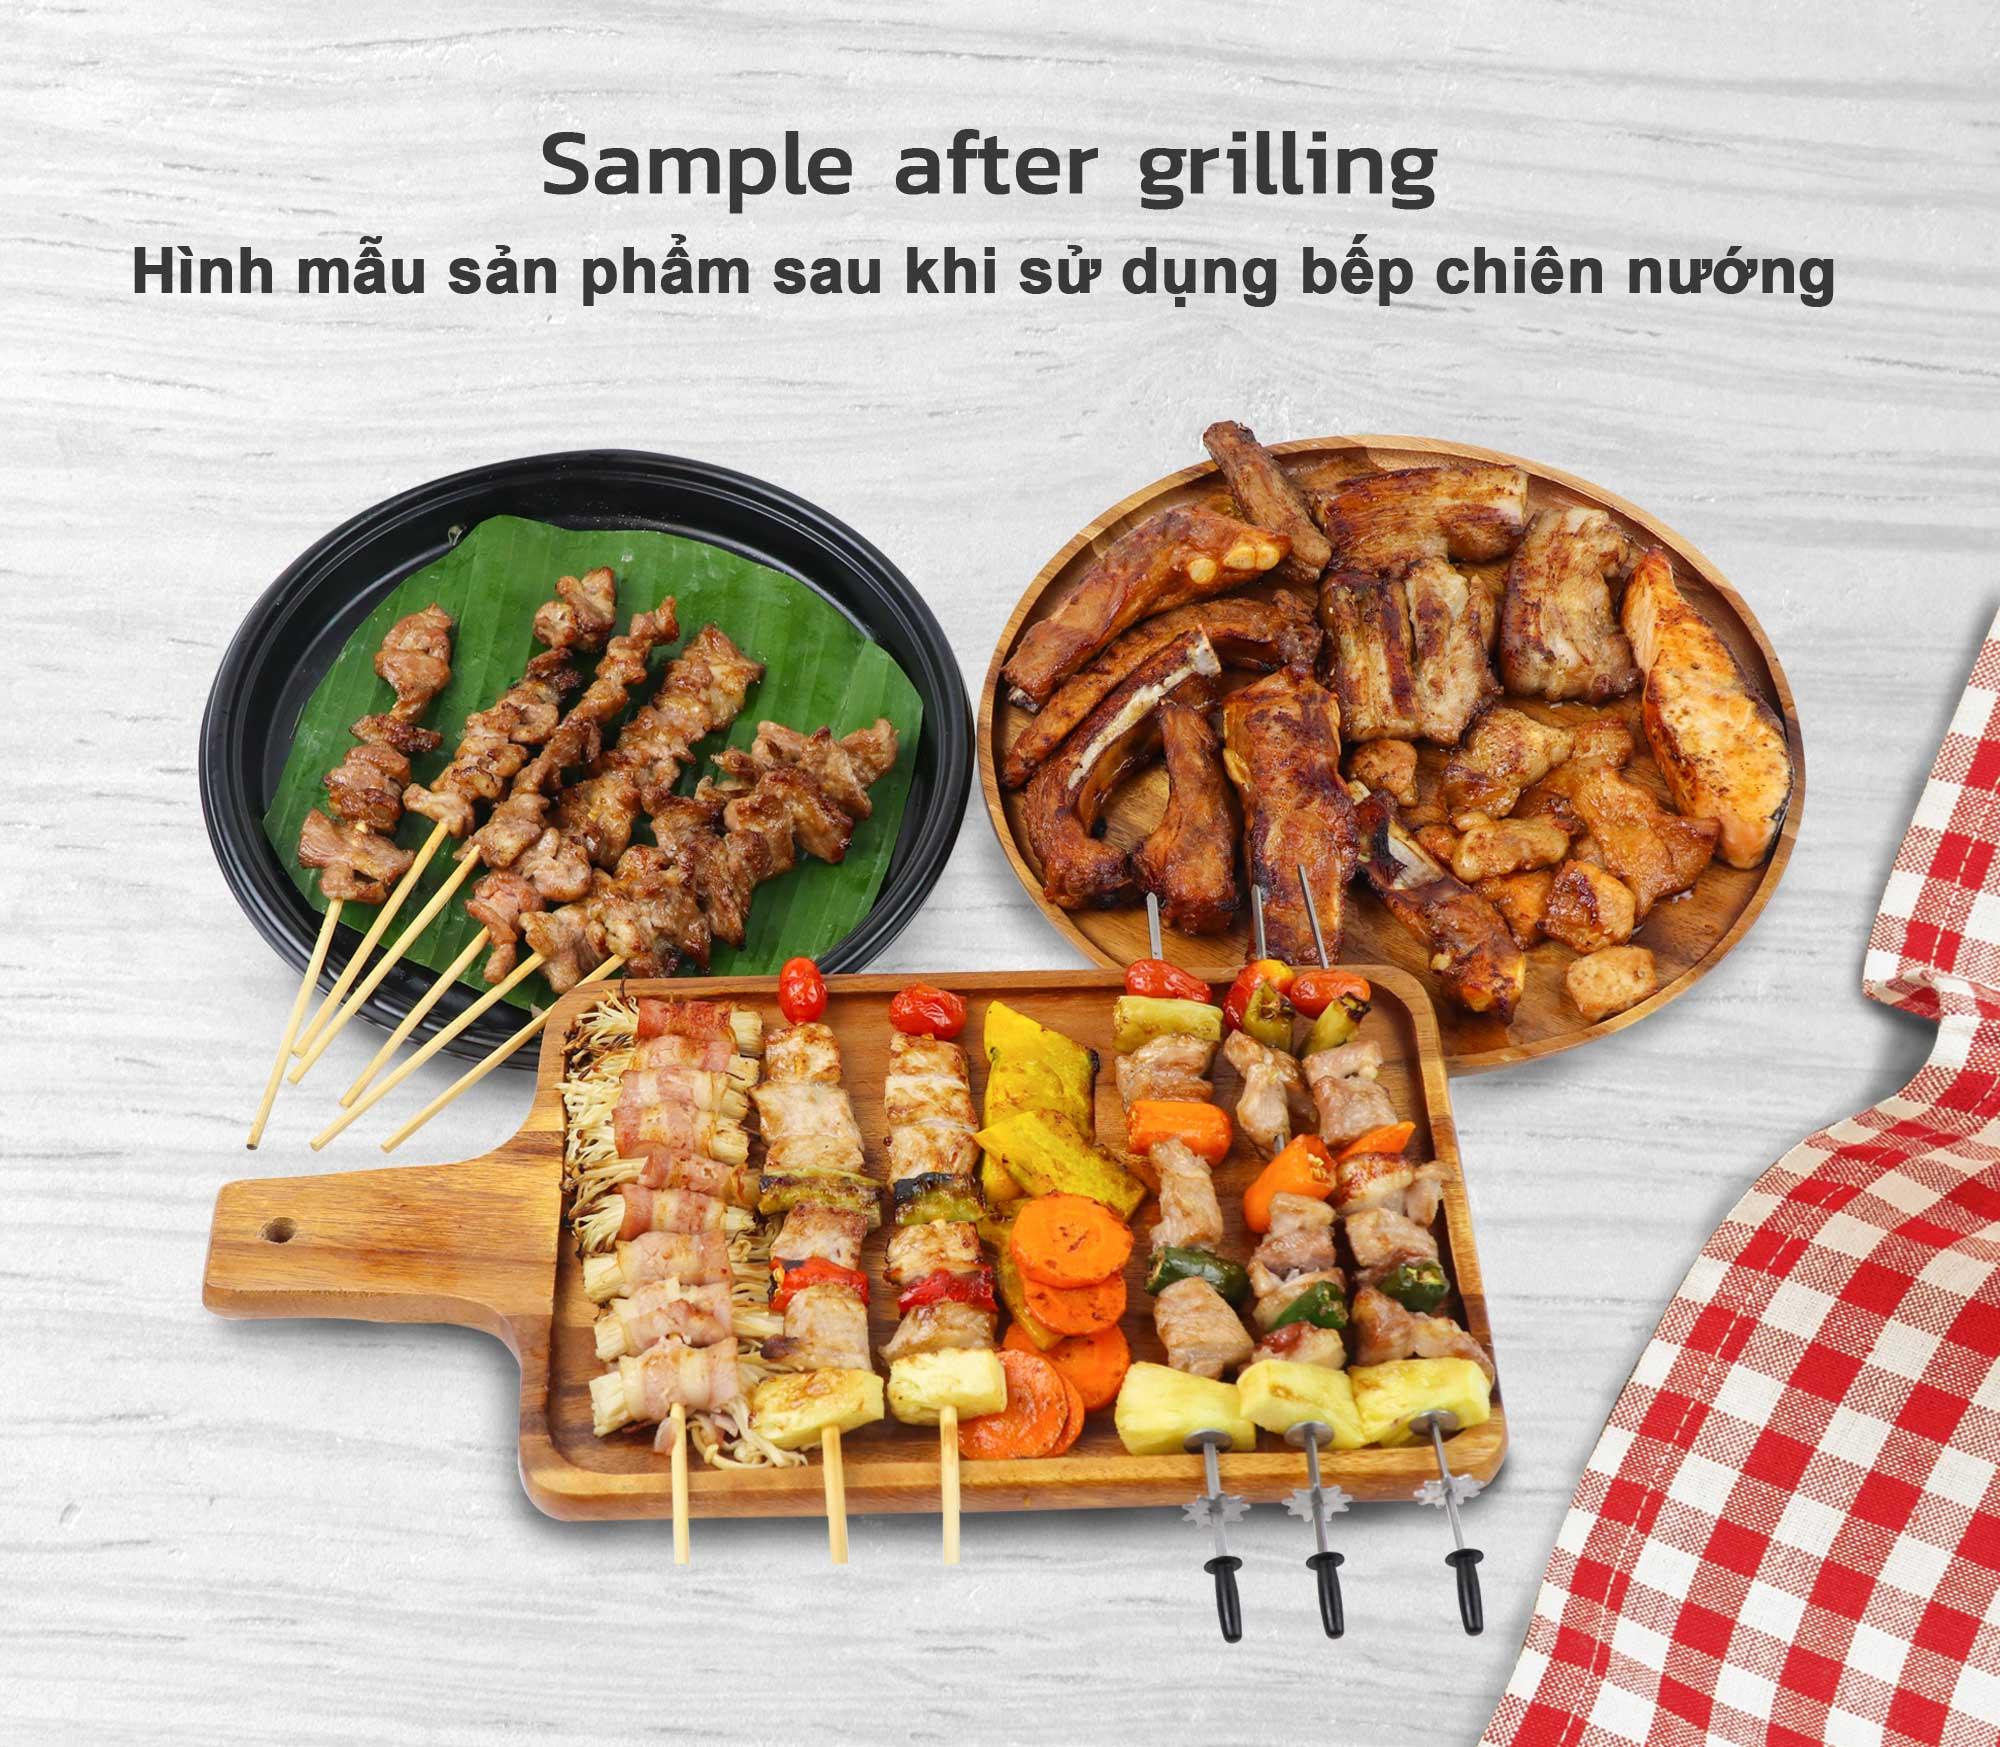 Sản phẩm sau khi sử dụng với bếp chiên nướng không khói BBQ GM-H